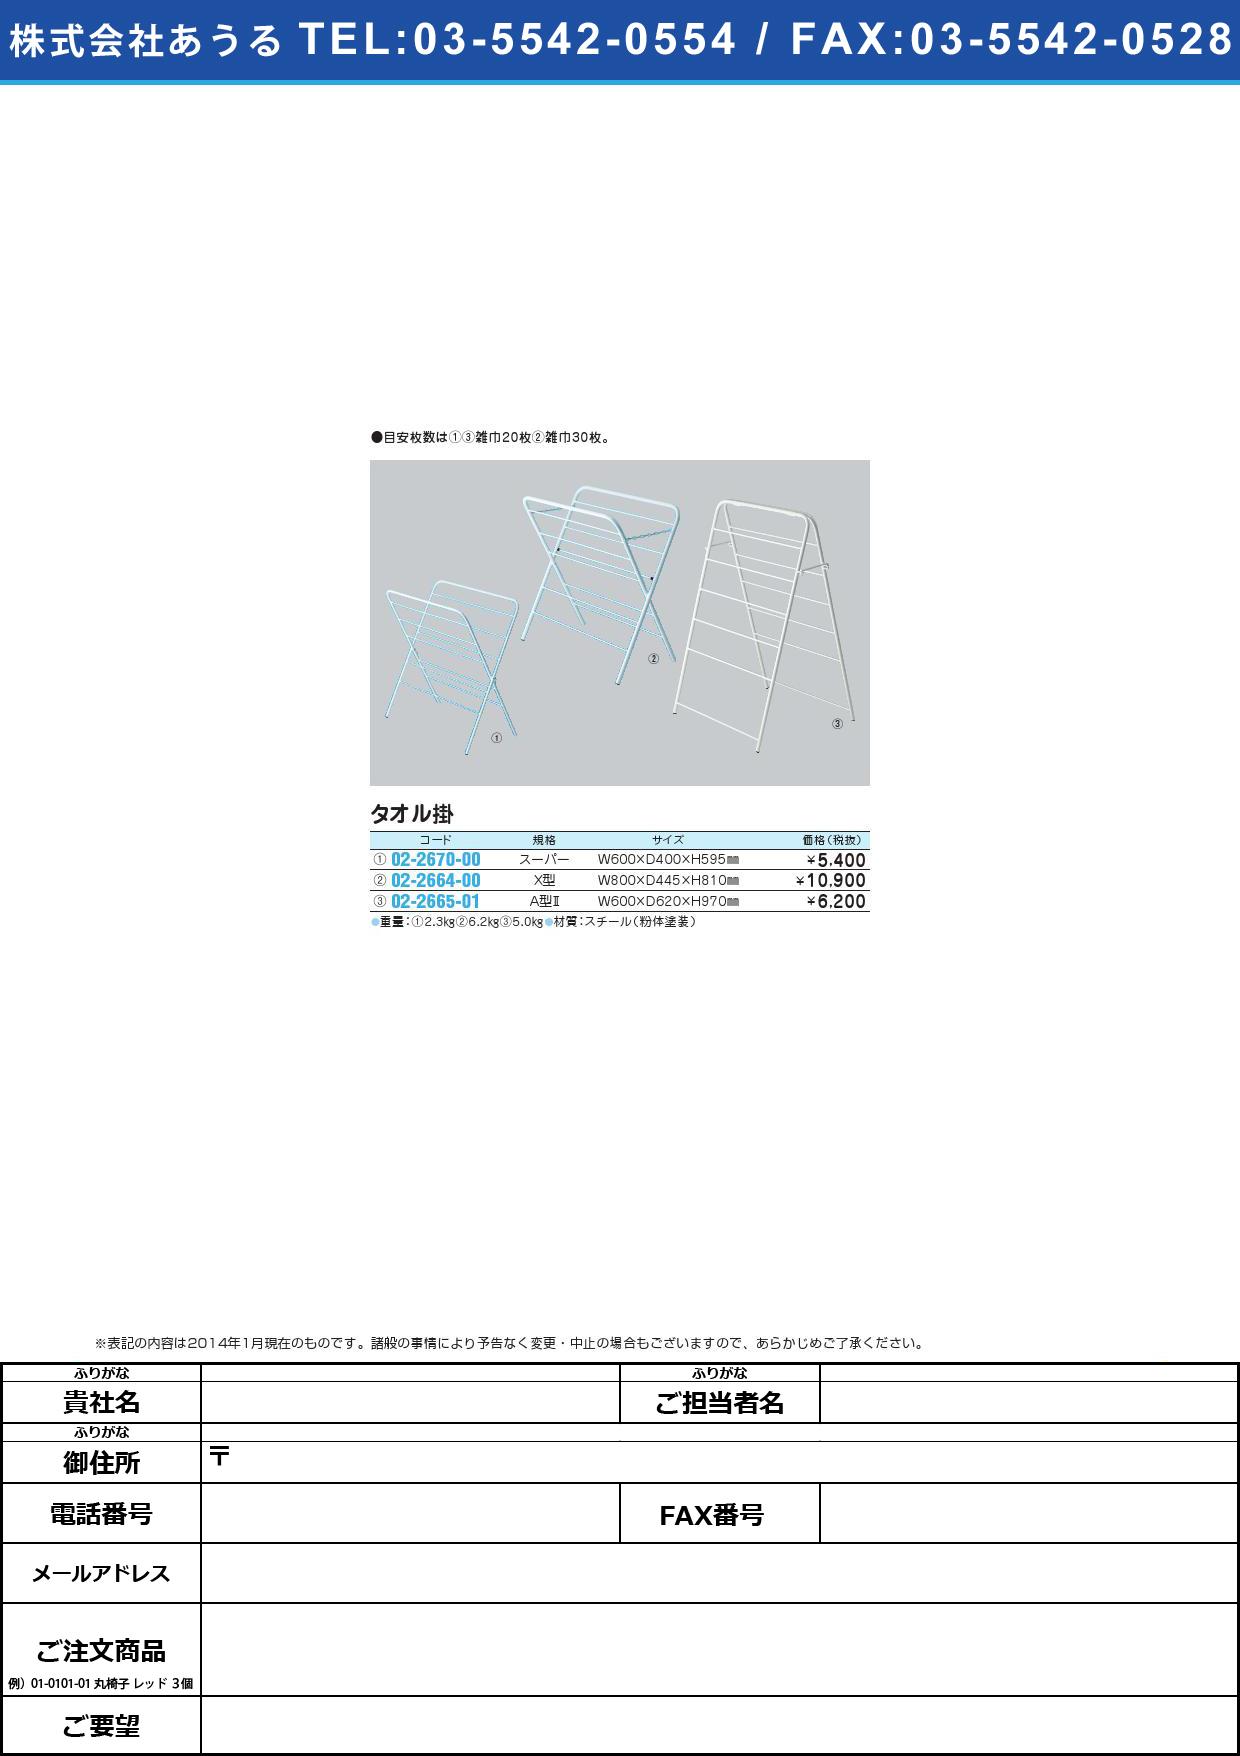 タオル掛 X型 タオルカケXガタ CE-490-020-0【1台単位】(02-2664-00)